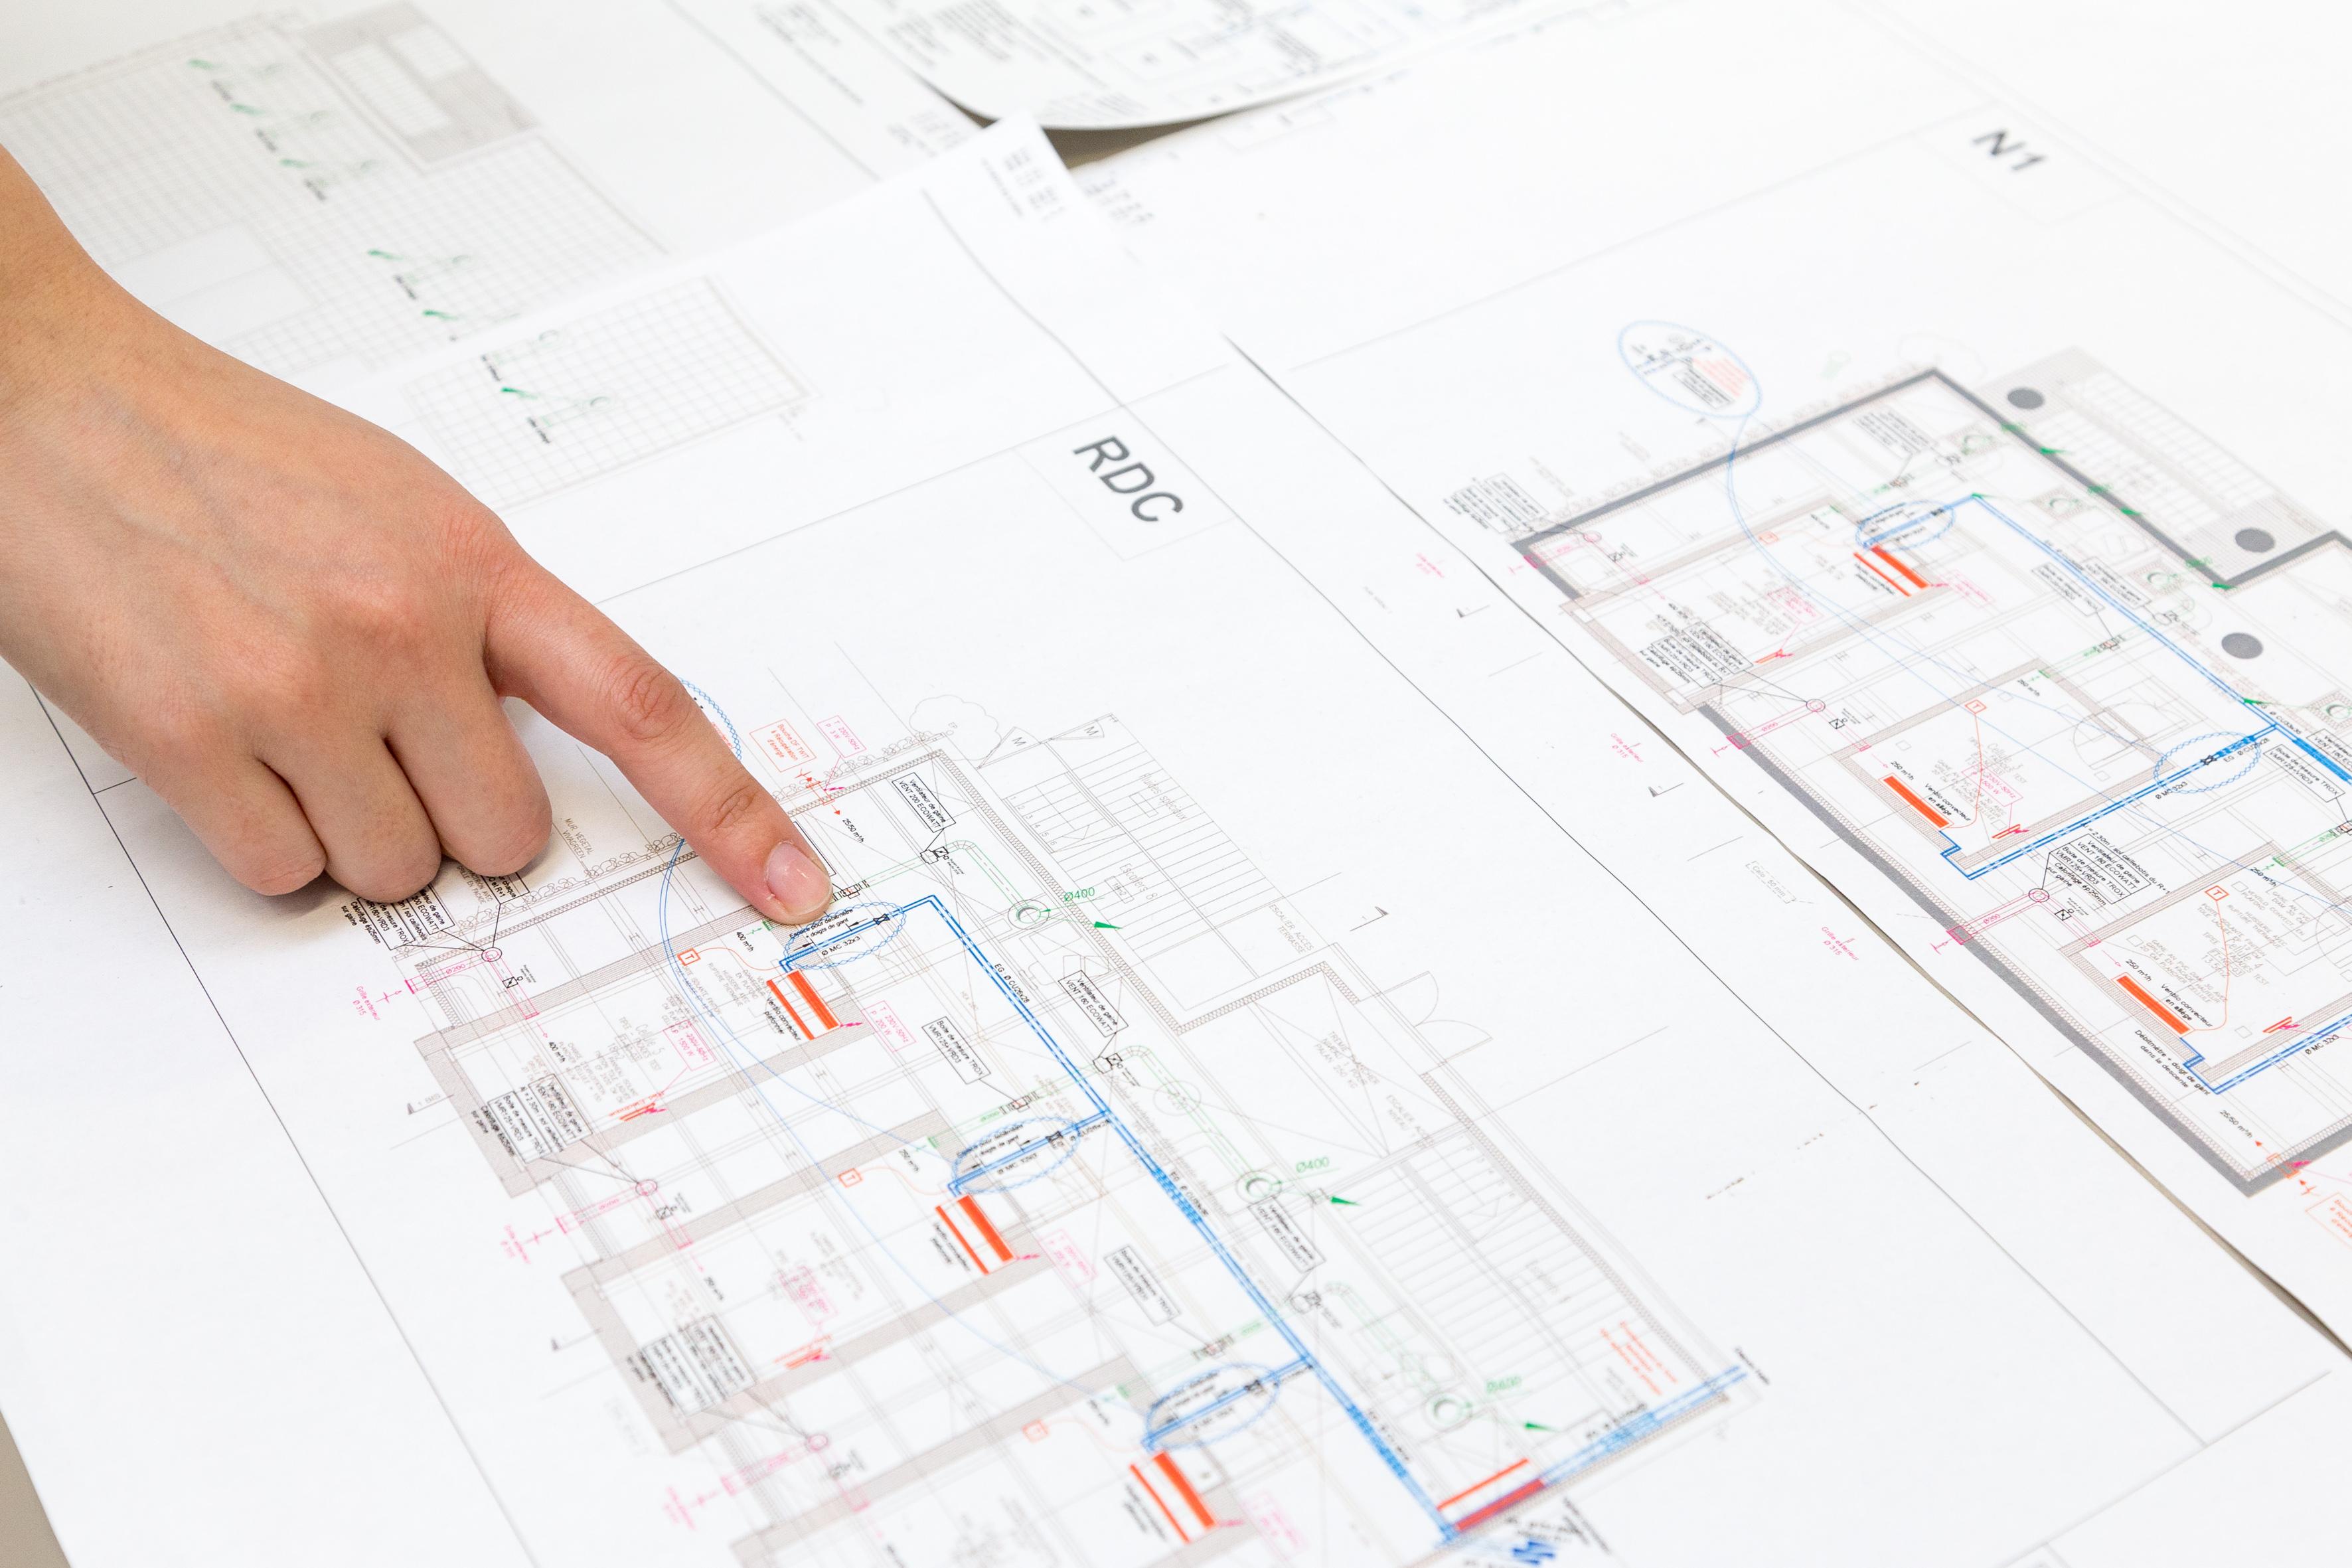 Plan de bâtiment